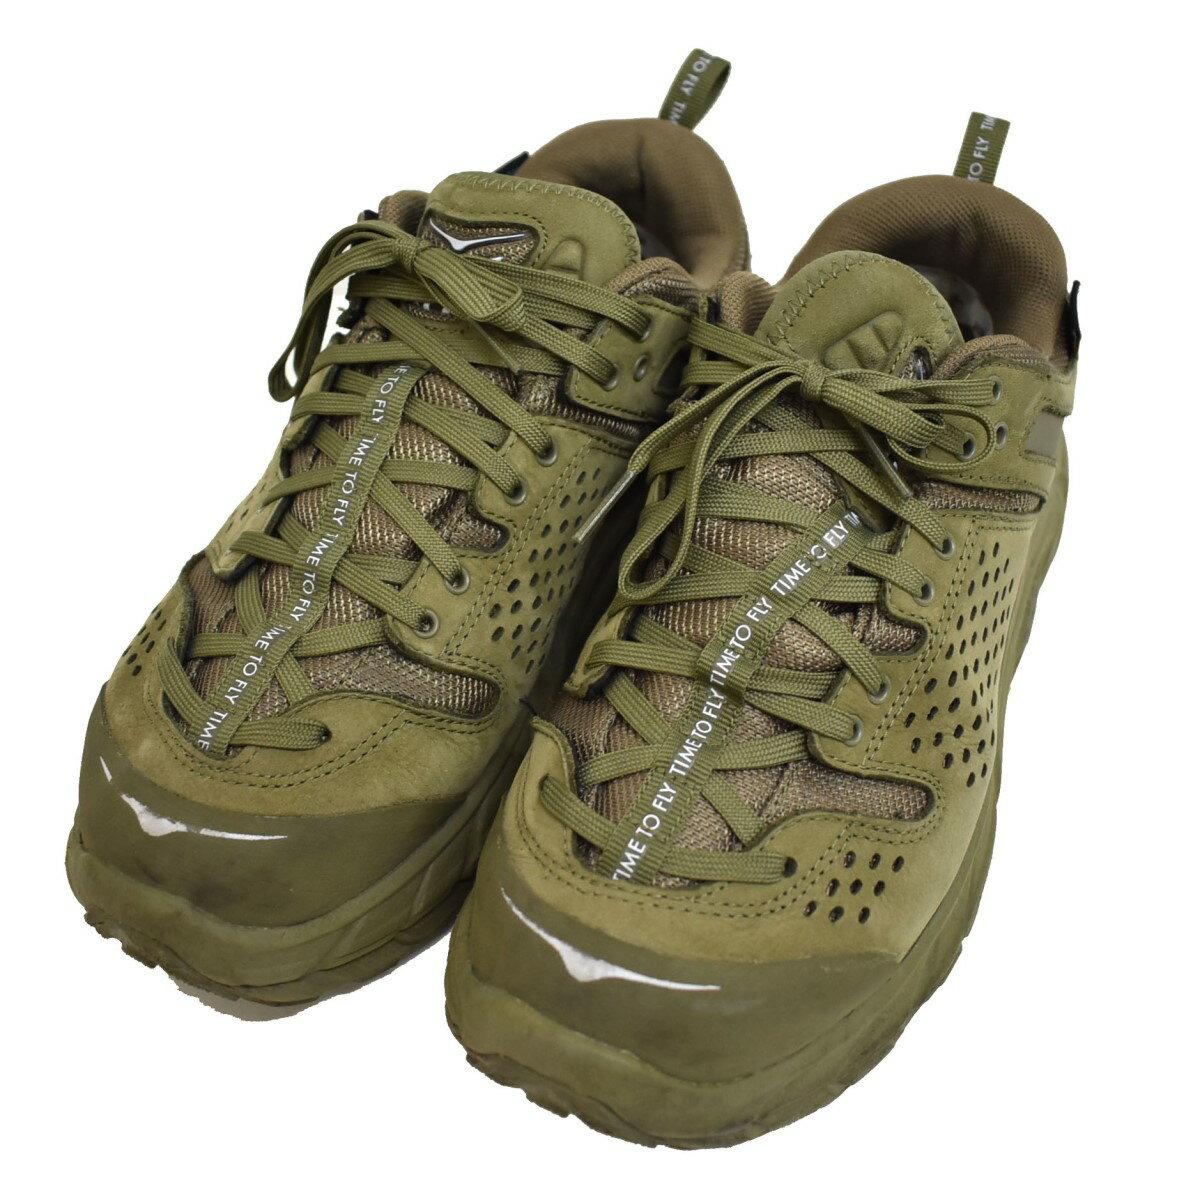 メンズ靴, スニーカー HOKAONEONEM TOR ULTRA LOW WP JP 26cm 913